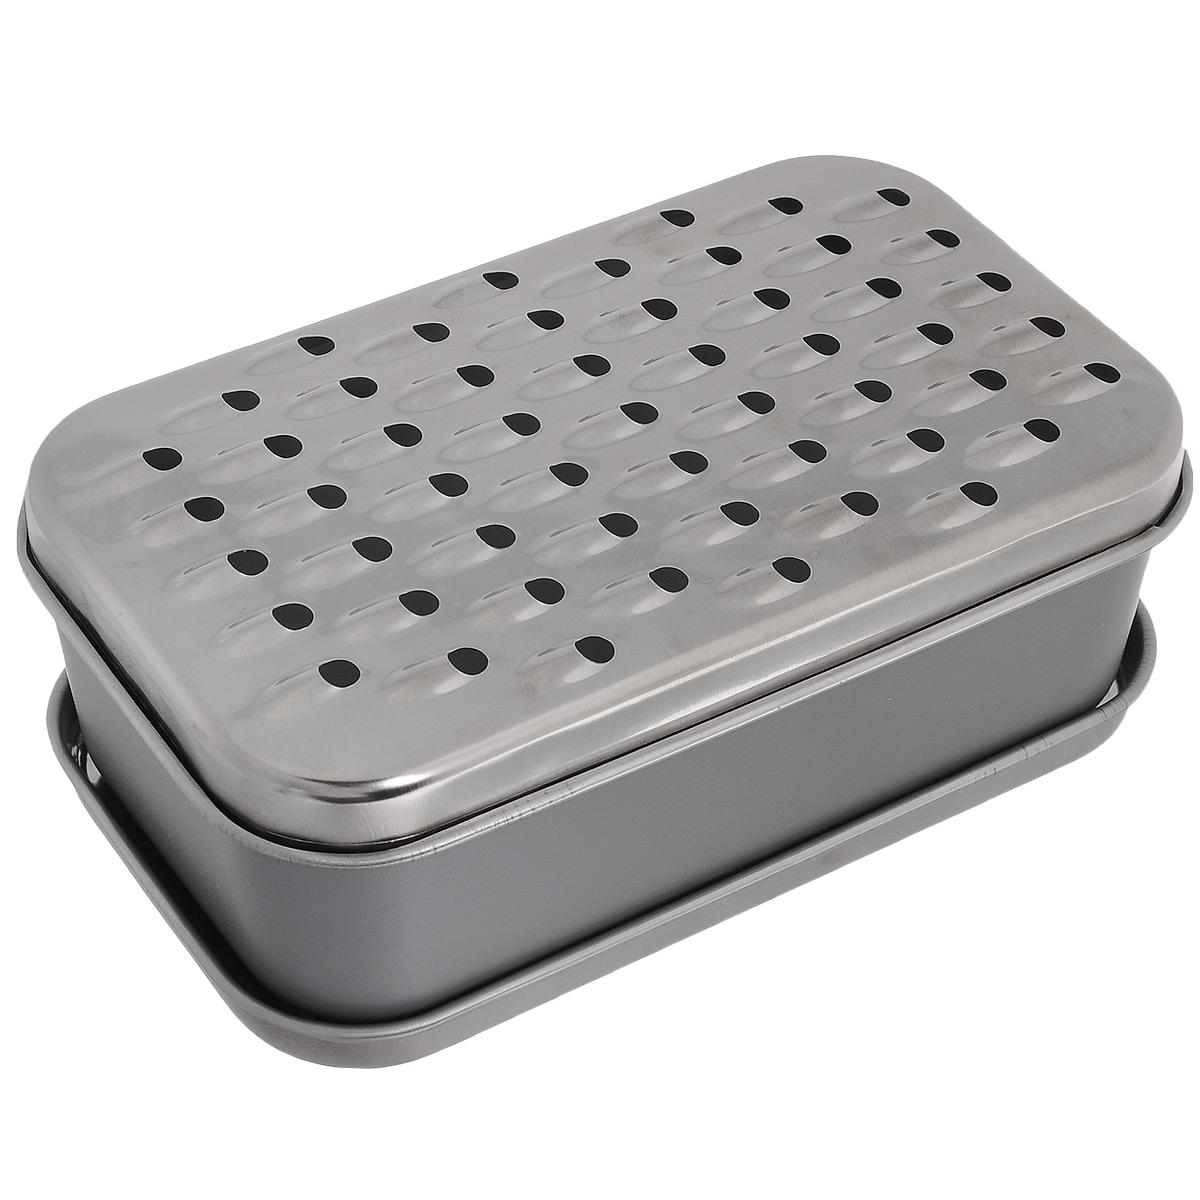 Терка Fackelmann с контейнером, цвет: серый. 4535745357Терка Fackelmann выполнена из пластика и оснащена двумя сменными насадками из нержавеющей стали. Насадки крепятся на пластиковый контейнер, измельченные продукты попадают сразу в контейнер, что предотвращает рассыпание. Кроме того, в комплекте имеется крышка, поэтому в контейнере можно еще и хранить продукты. Терка имеет 2 варианта насадок: крупная и мелкая. Это дает возможность варьировать степень измельчения продукта. Каждая хозяйка оценит все преимущества этой терки. Практичный, современный и простой в эксплуатации прибор поможет вам легко натереть овощи или фрукты. Размер насадки: 10 см х 18 см. Размер контейнера (ДхШхВ): 17,5 см х 10 см х 7 см.